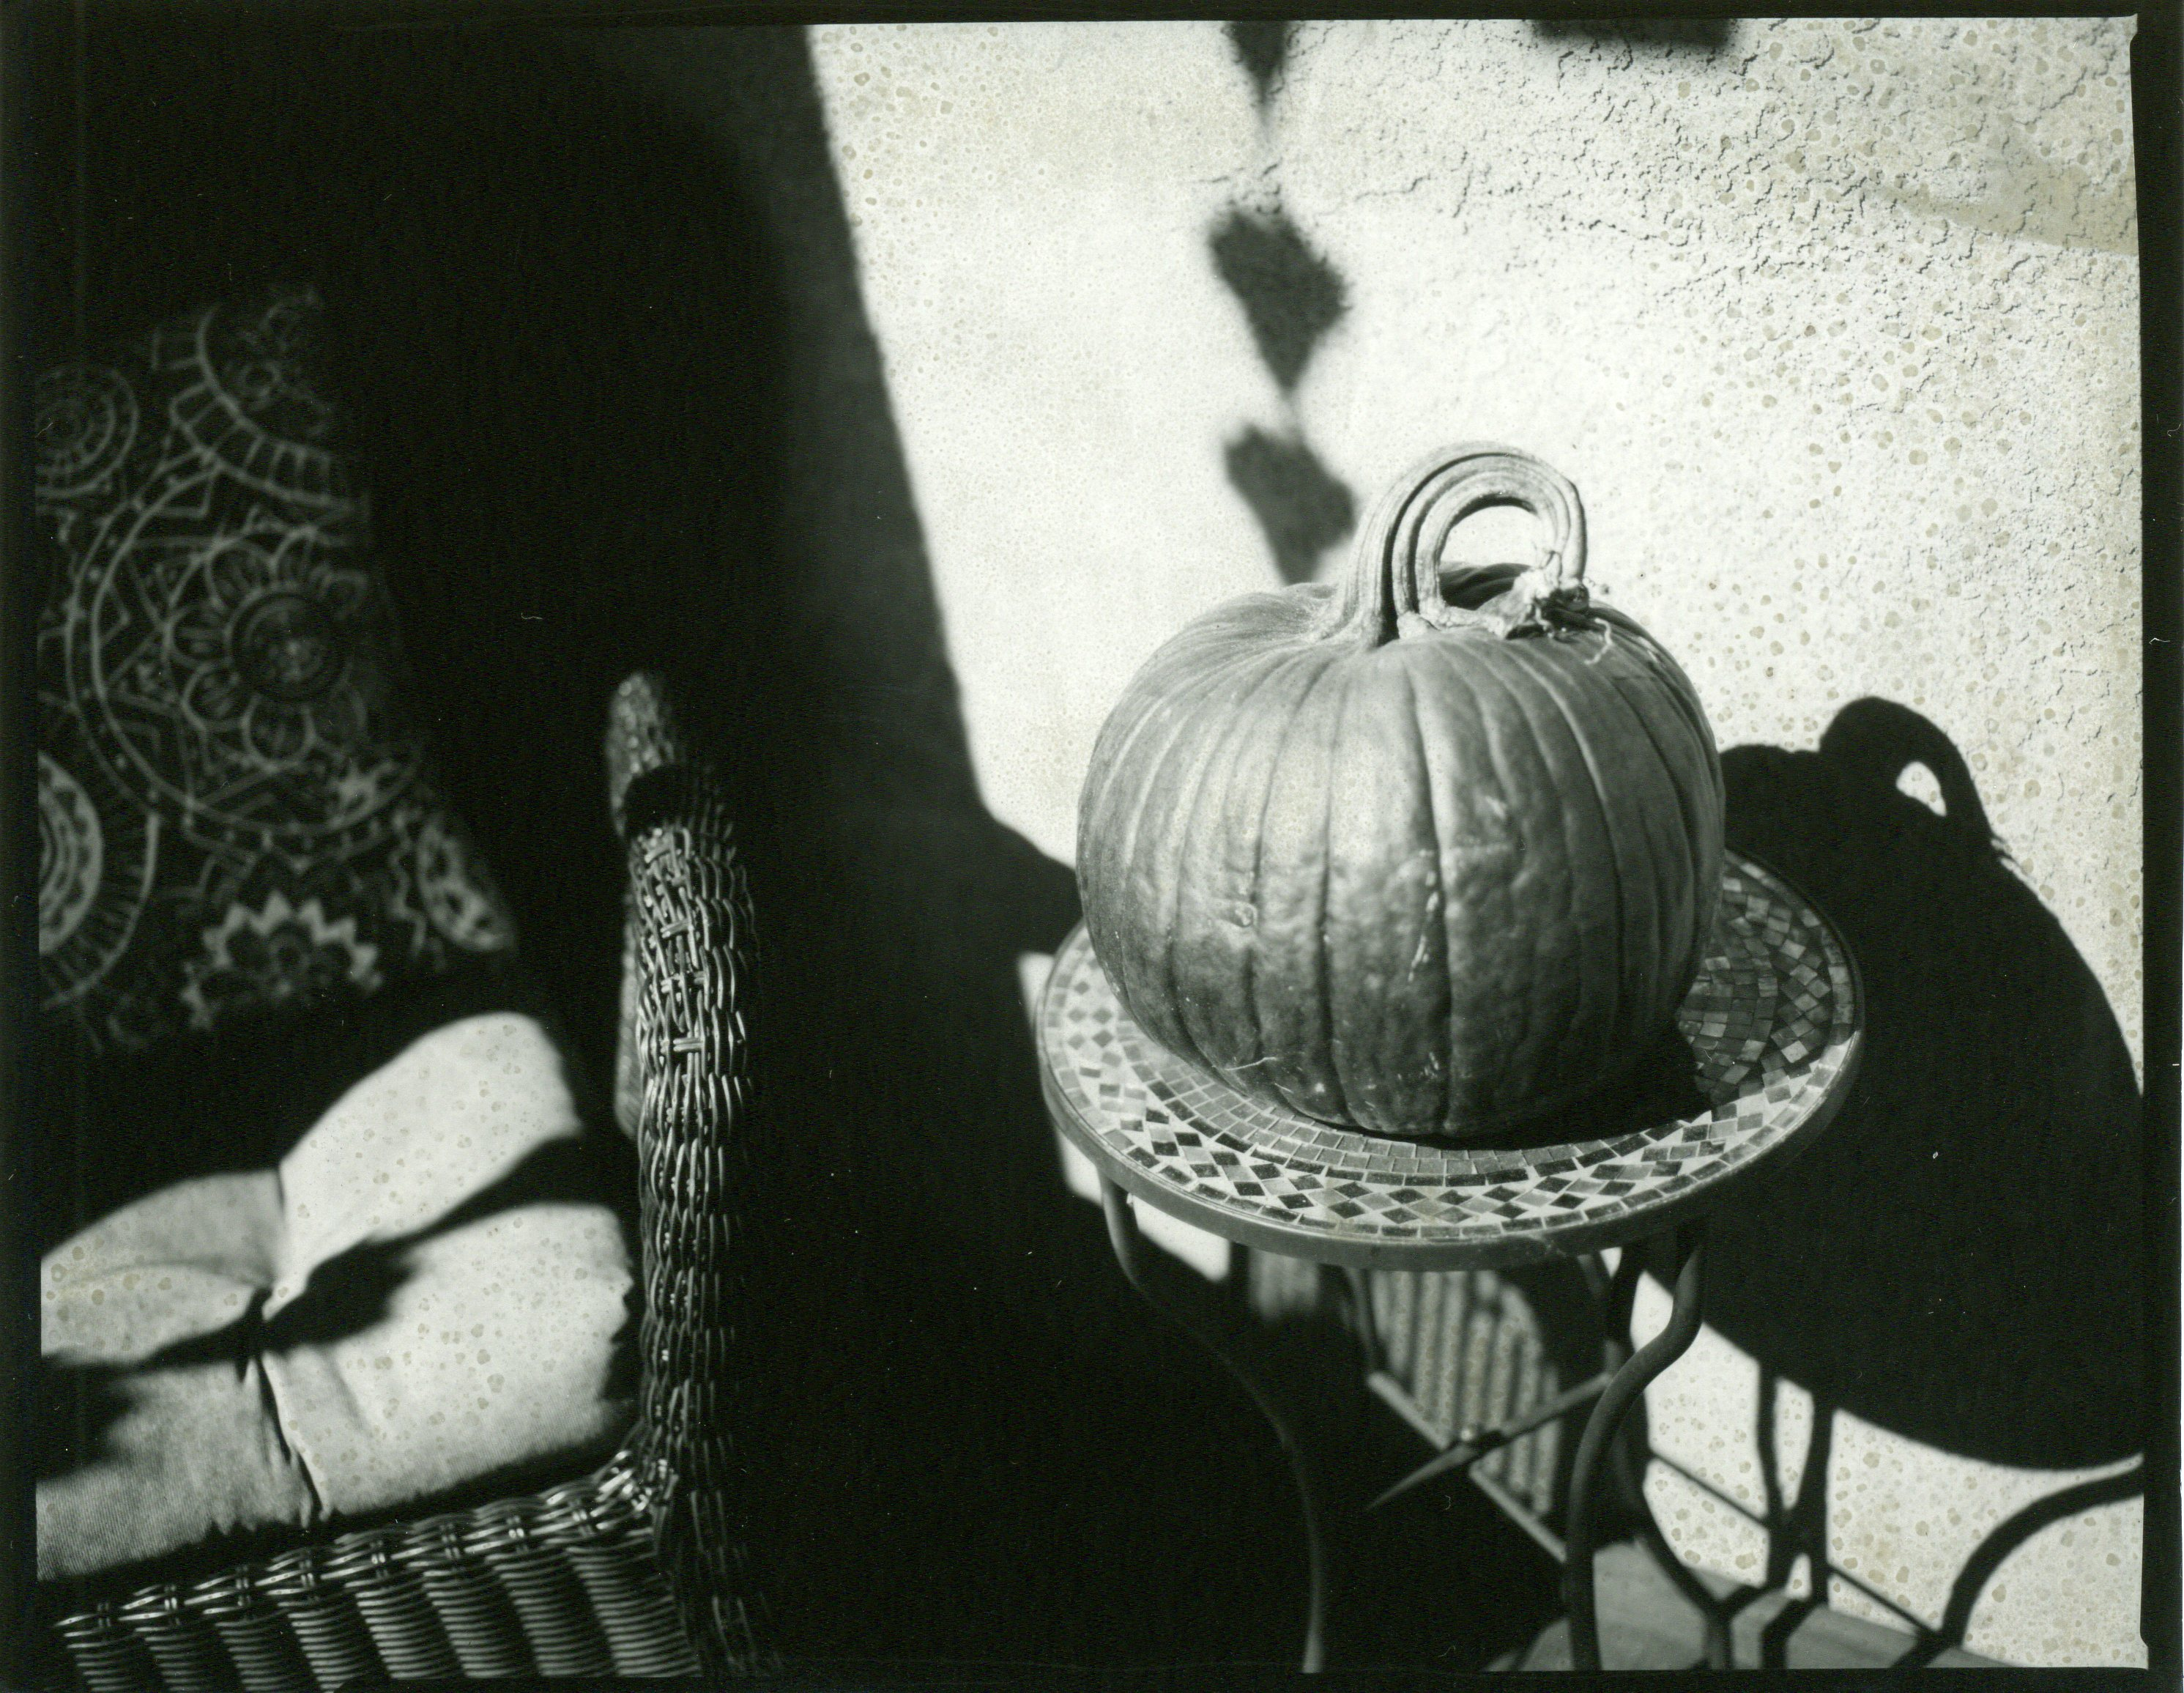 Pumpkin002